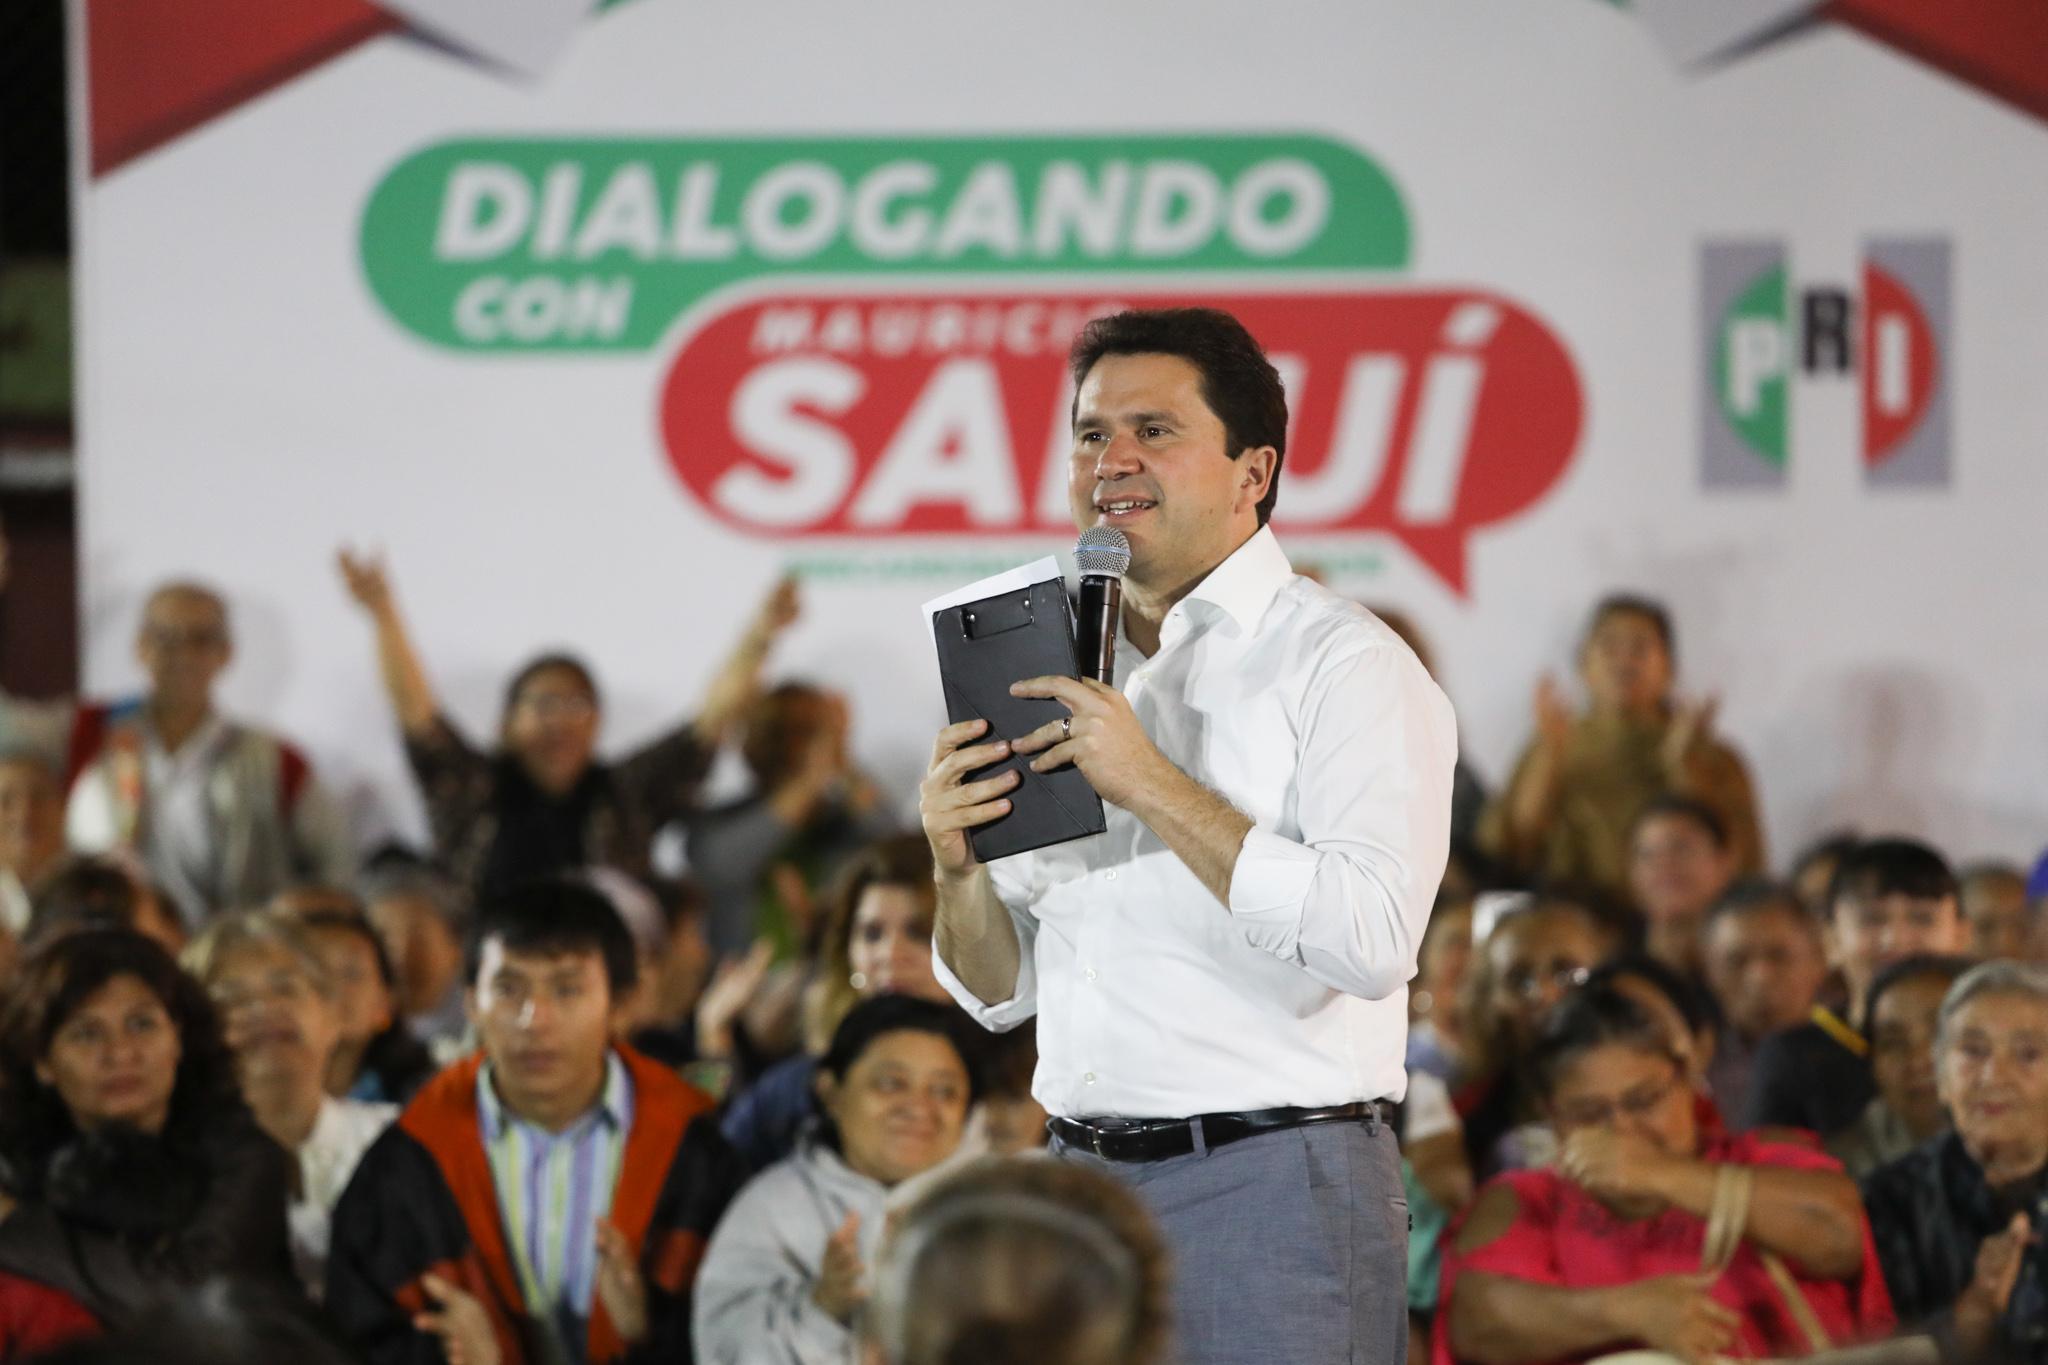 'Dialogando con Sahuí' en oriente y sur de Mérida